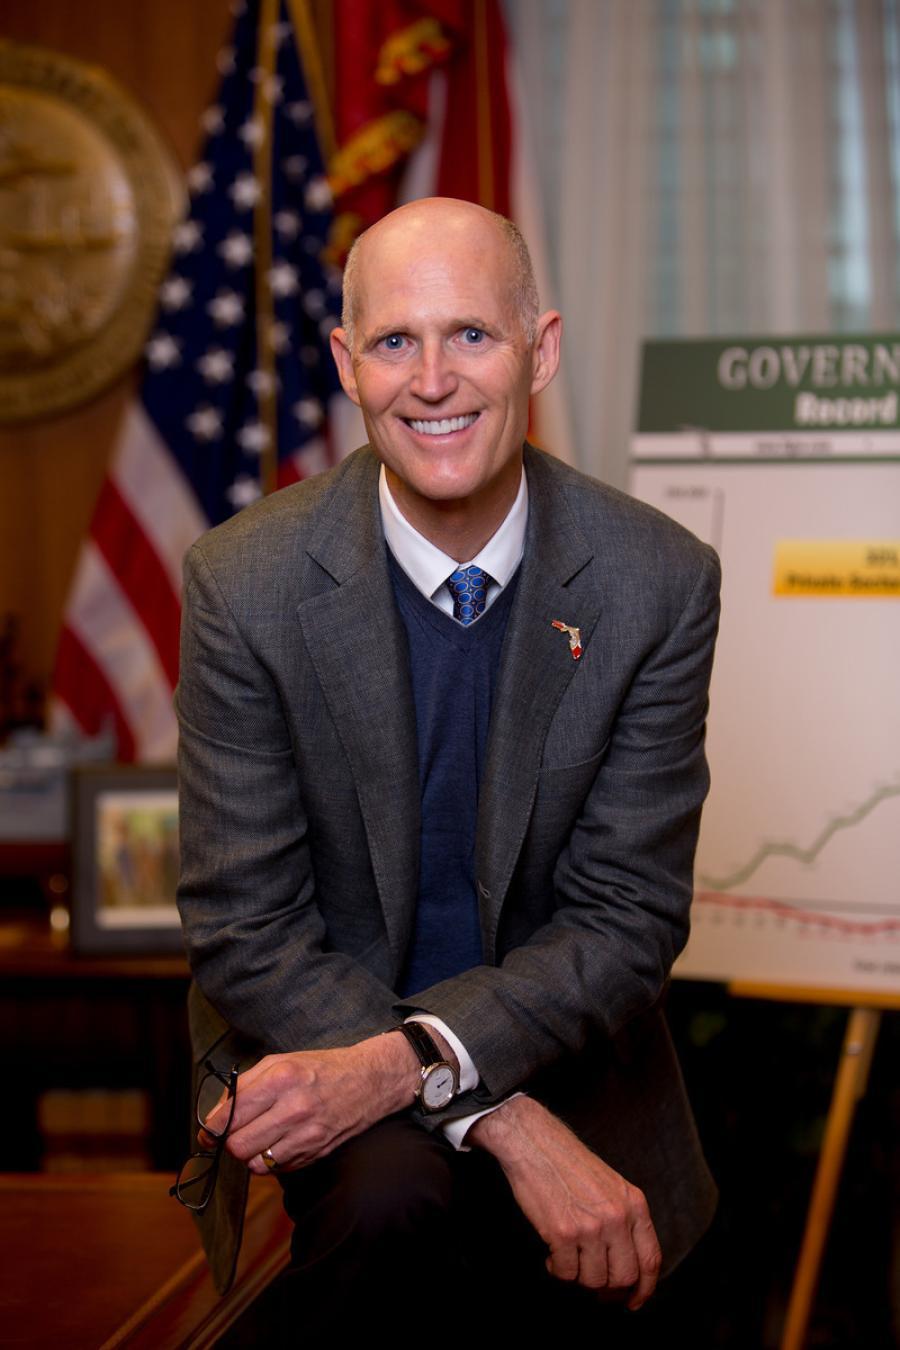 Gov. Rick Scott (flgov.com photo)